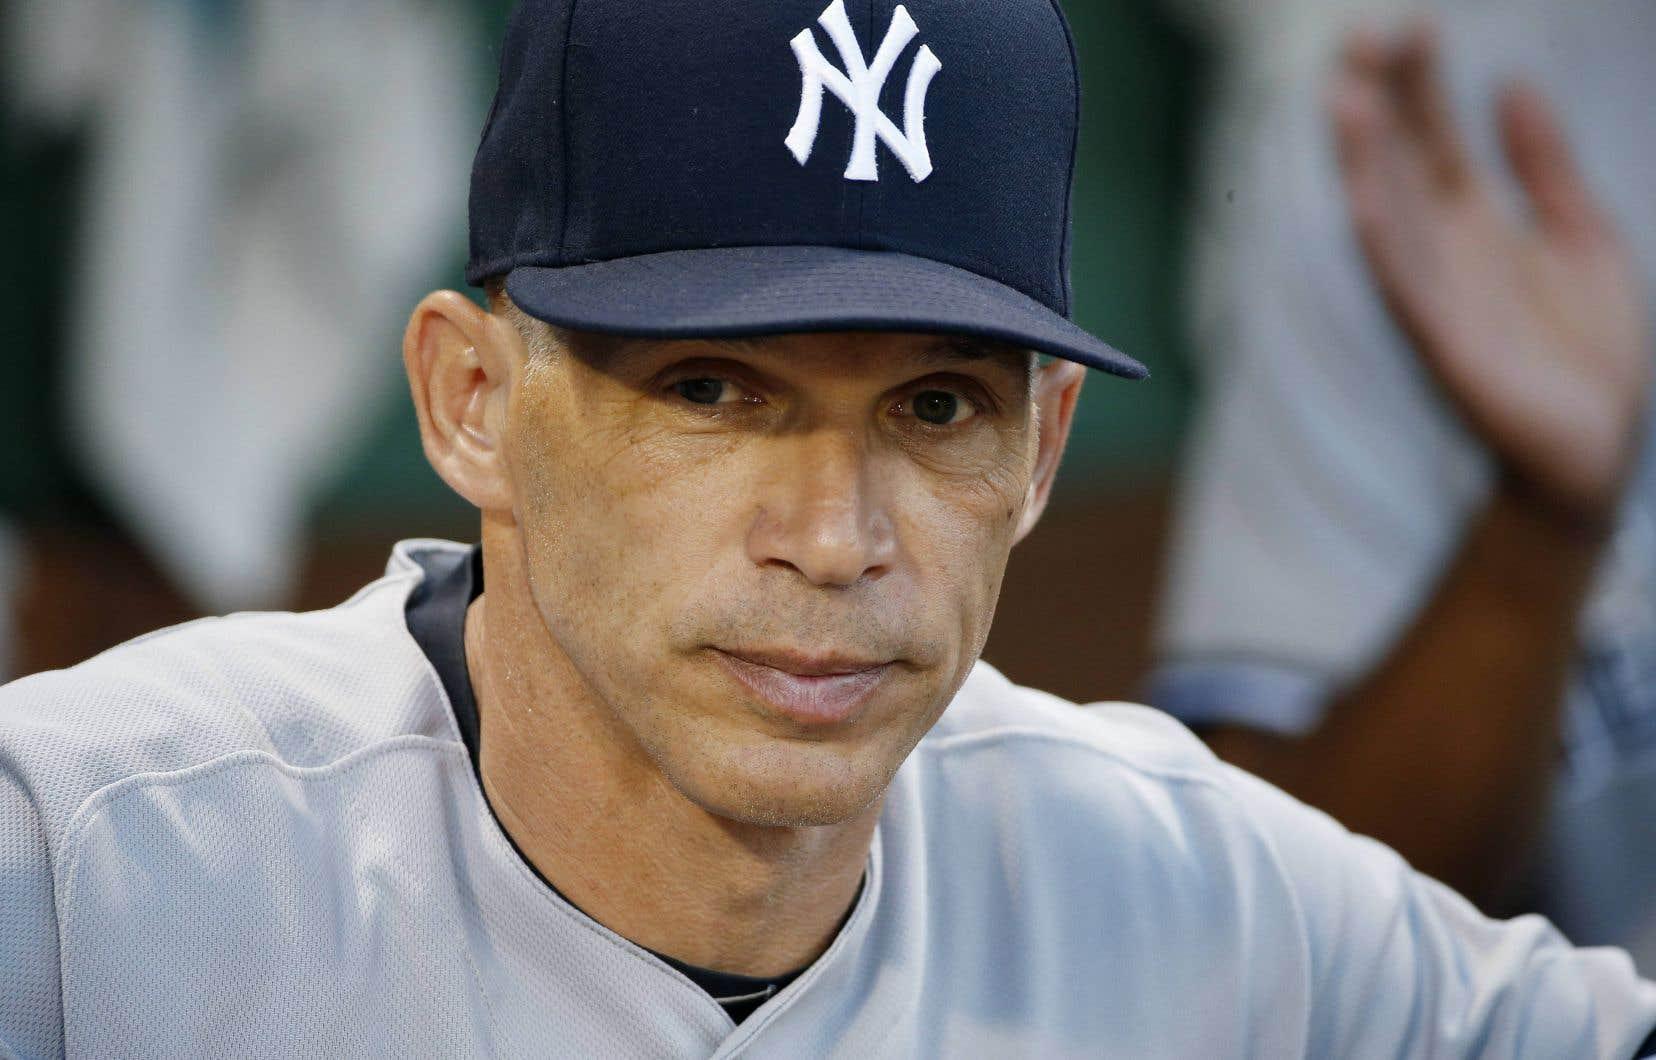 Les Yankees ont décidé de ne pas renouveler le contrat de leur gérant des dix dernières saisons, Joe Girardi.